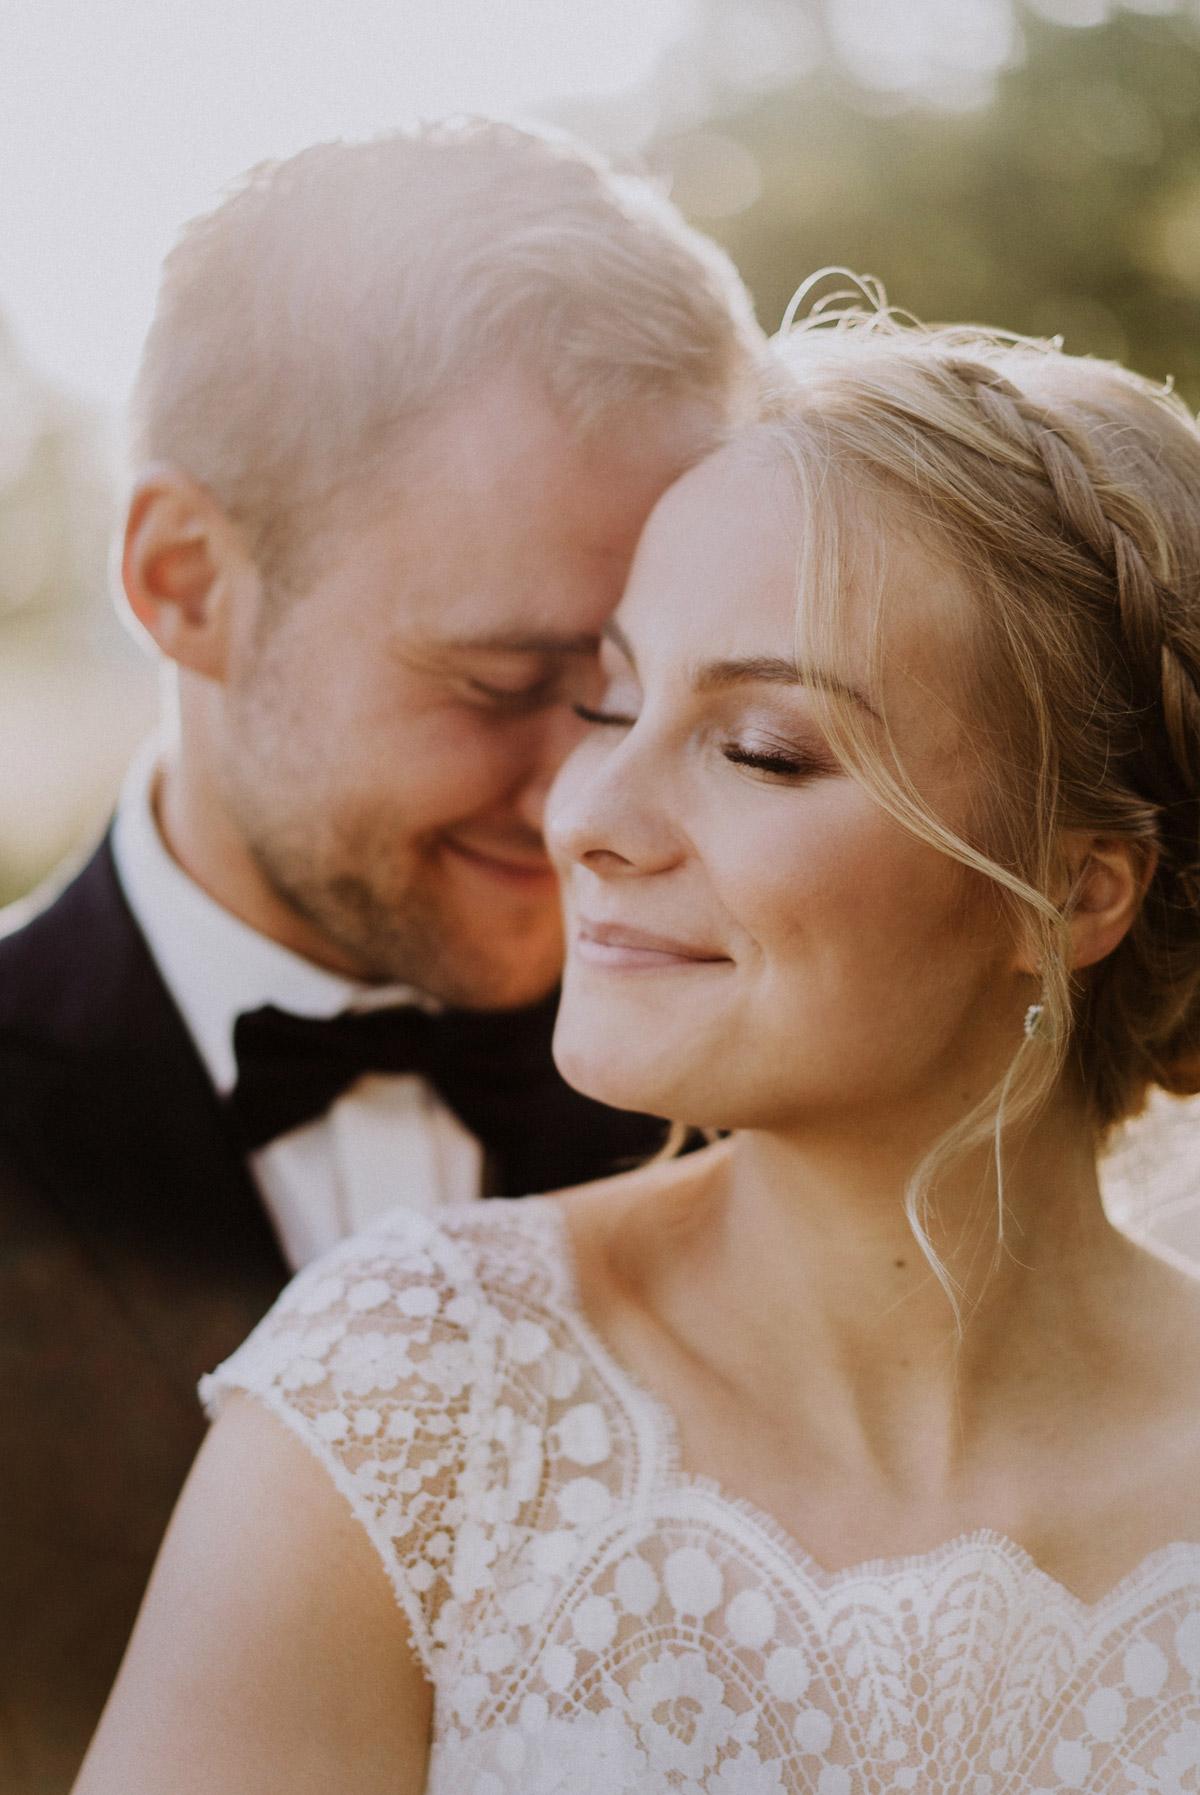 Braut Make up Hochzeit natürlich blonde Haare braune Augen helle Haut; Brautfrisur locker gesteckt mit Haarkamm und geflochtenem Haarkranz mit weißen und pinkroten Hochzeitsblumen #braut #brautmakeup #brautfrisur #hochzeitsfrisur